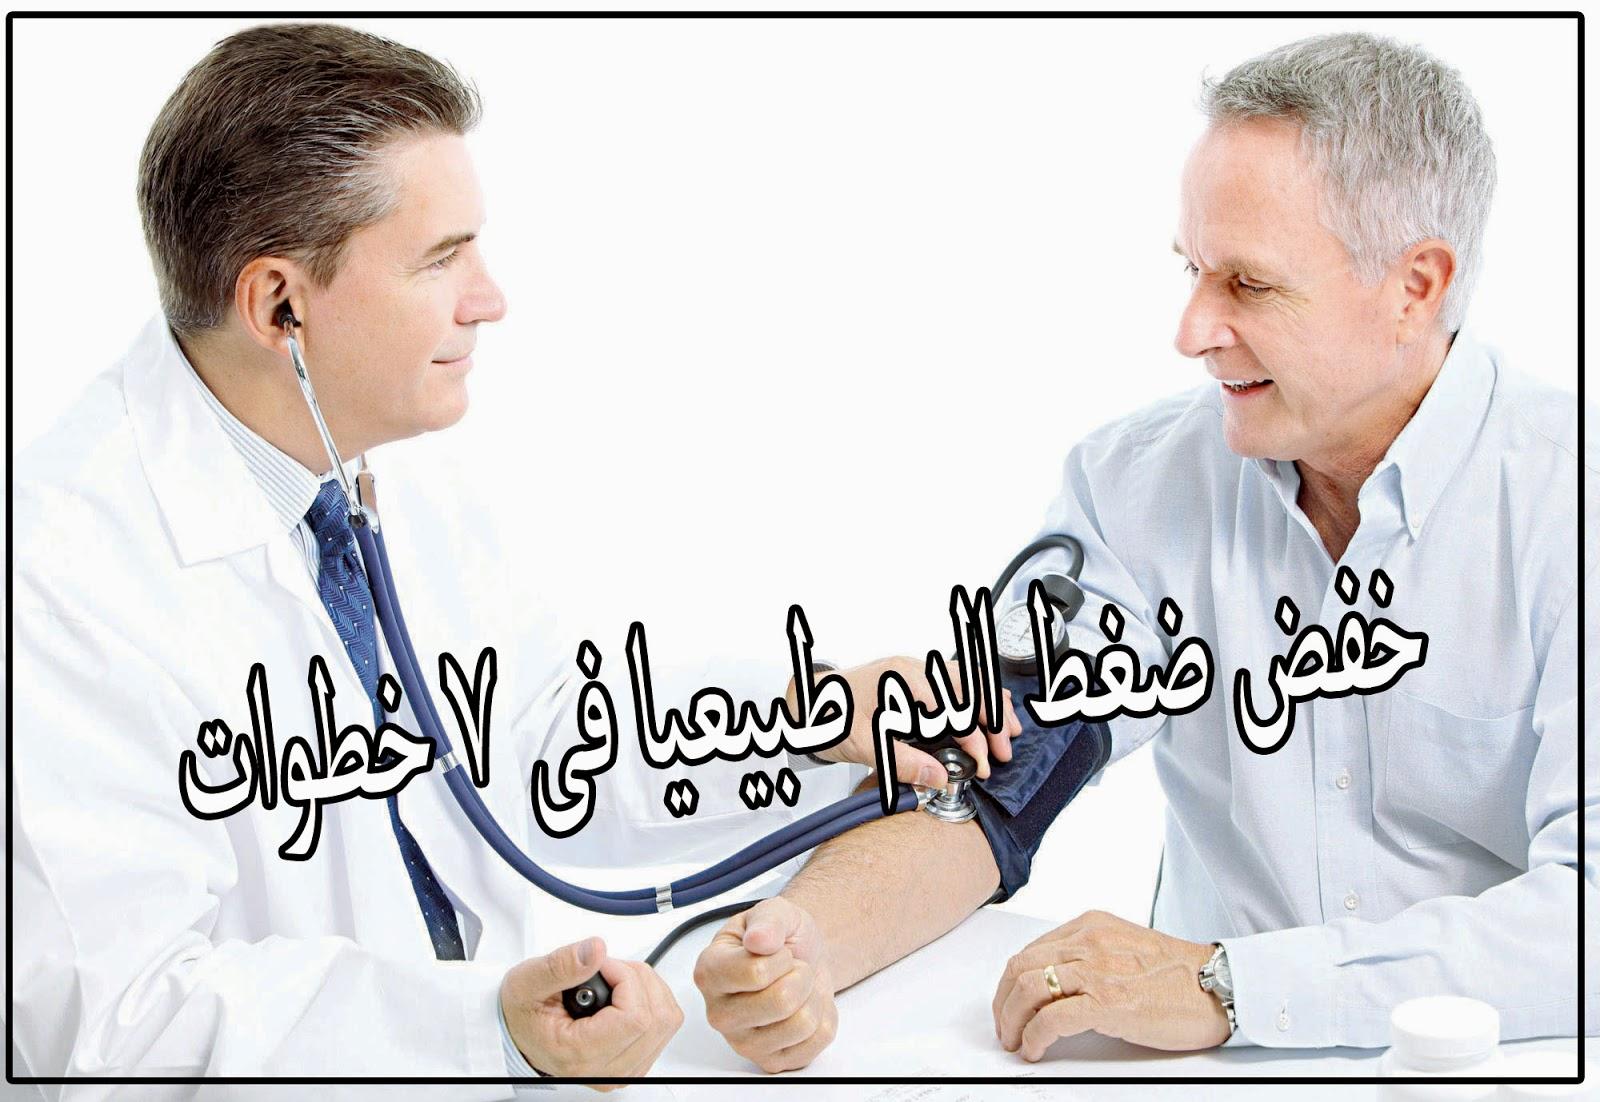 خفض ضغط الدم طبيعيا فى 7 خطوات